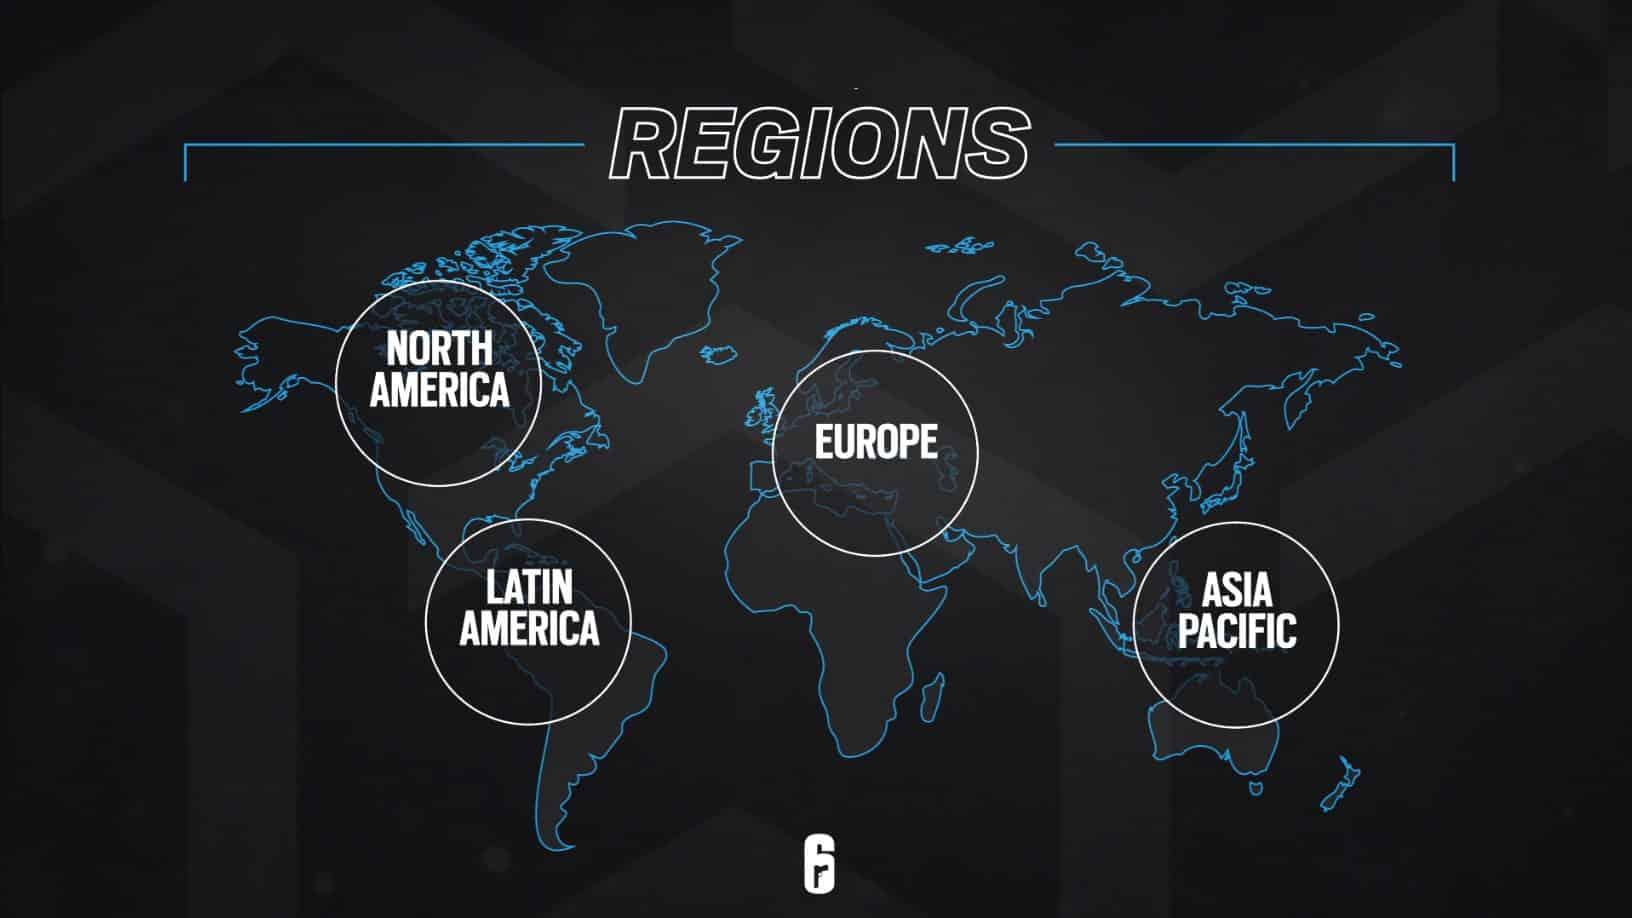 regions 2020 babt